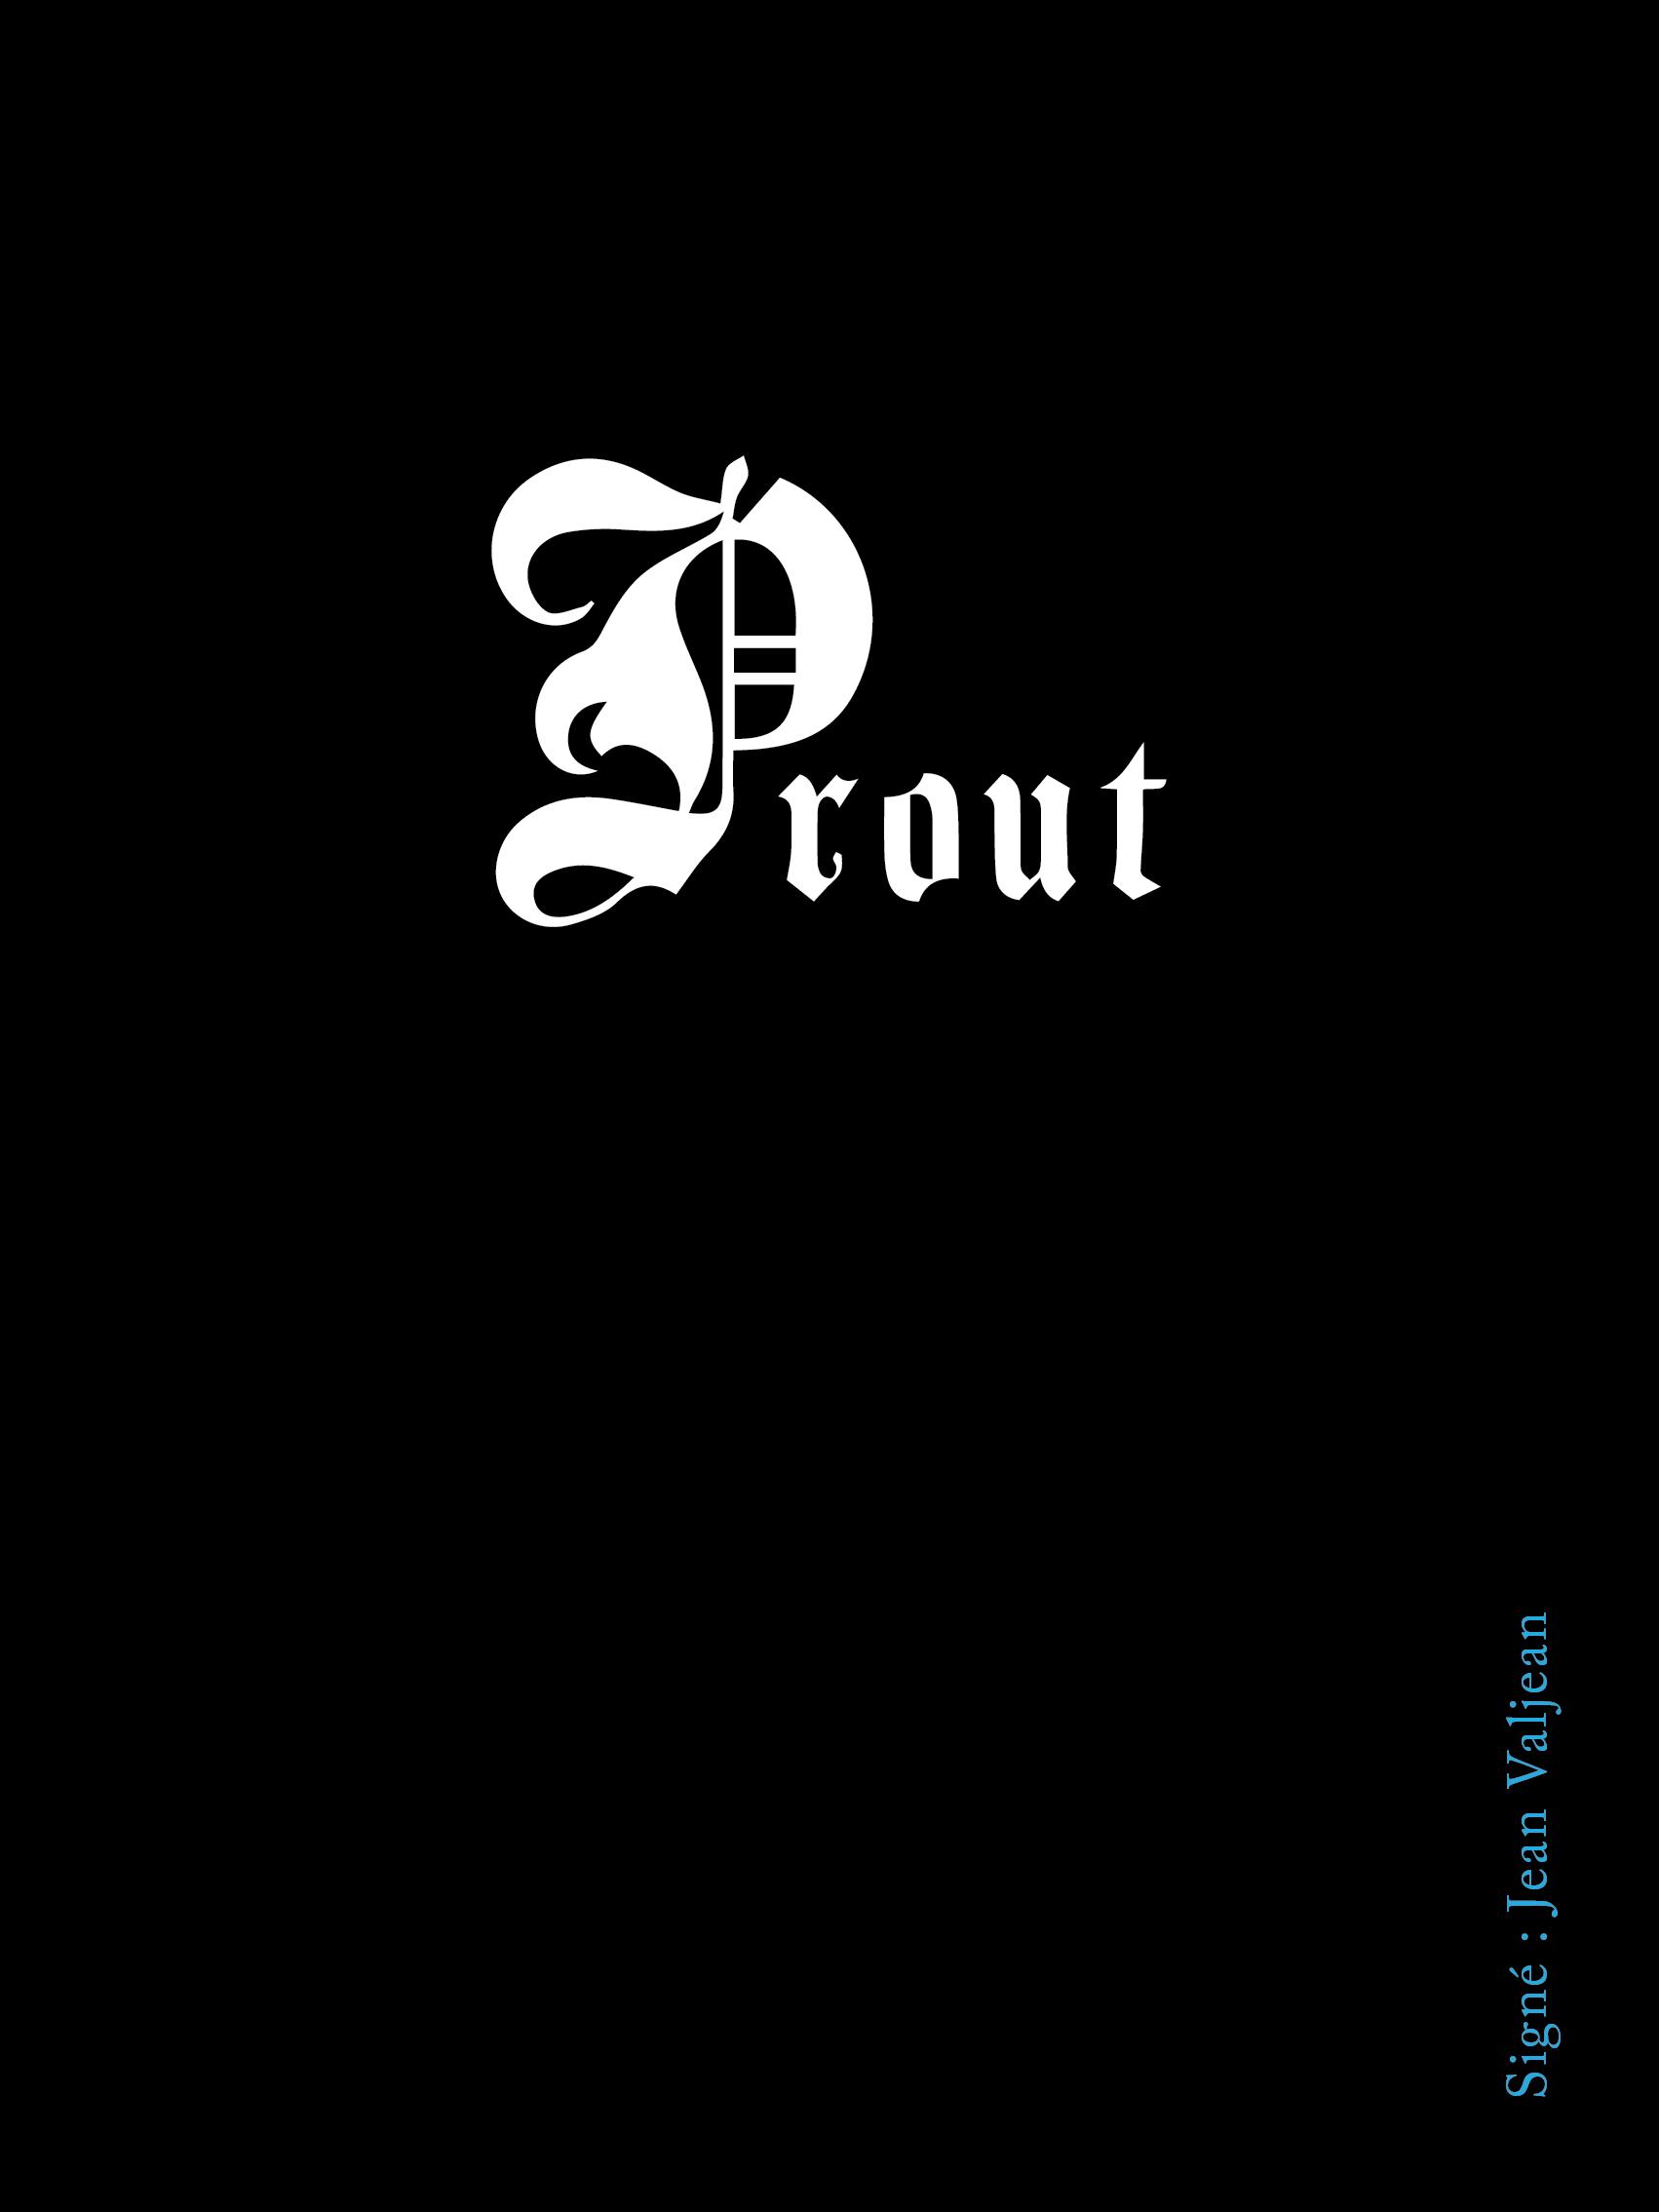 Prout noir